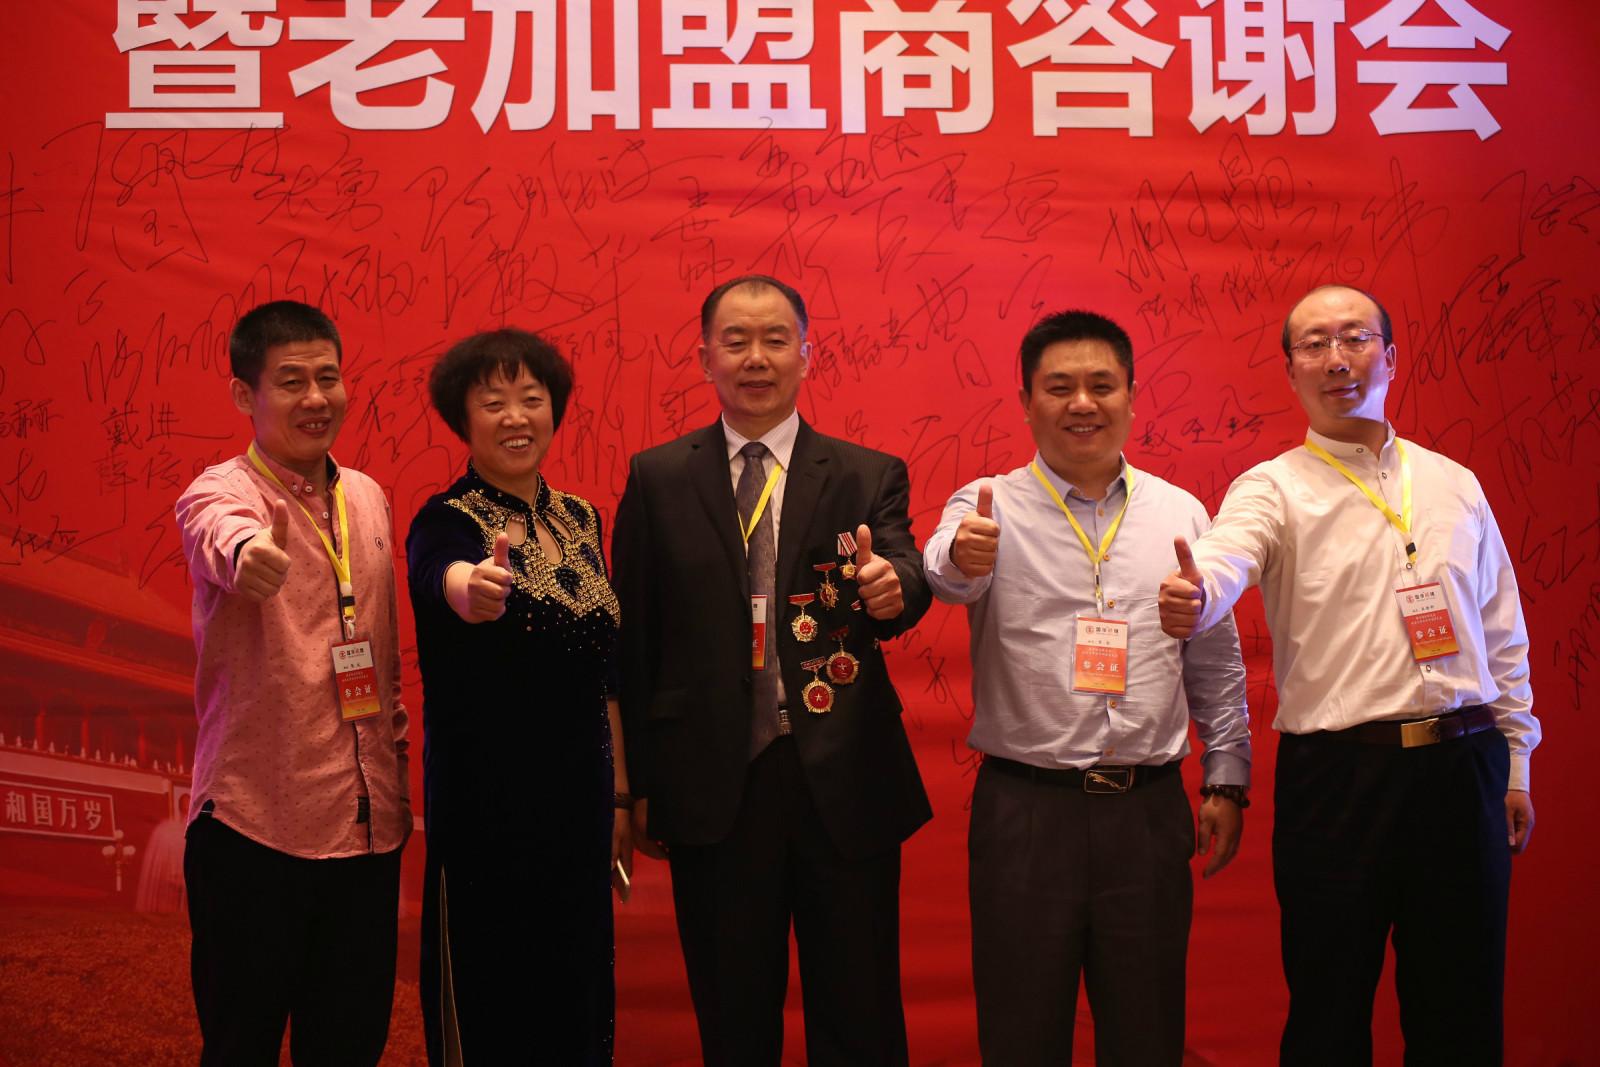 青岛国华眼镜科技有限责任公司上海眼悦生物科技公司高管团队照